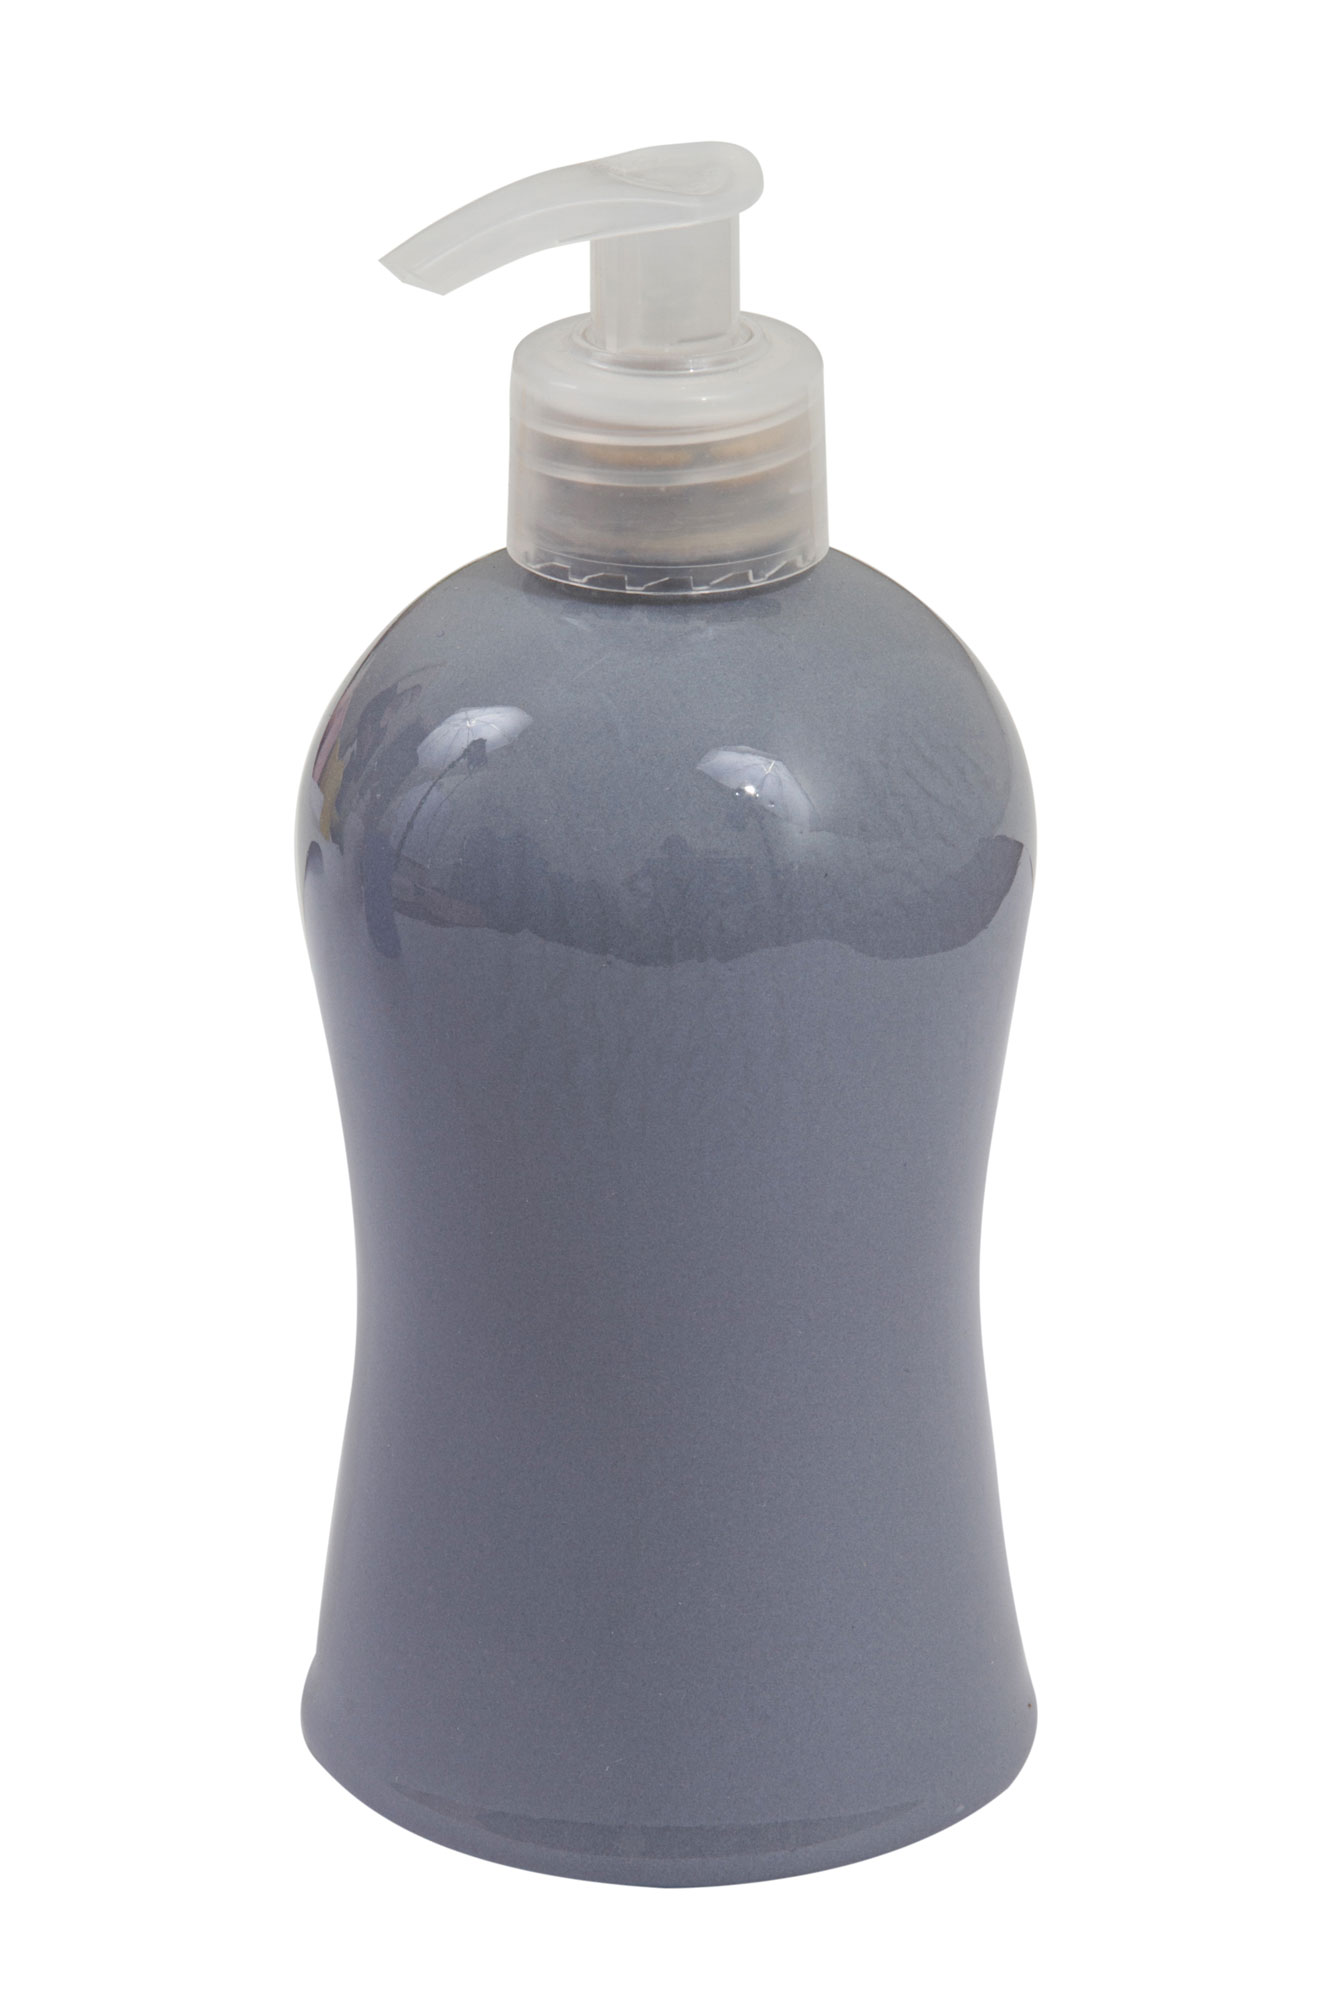 Porta sabonete líquido / álcool gel cinza